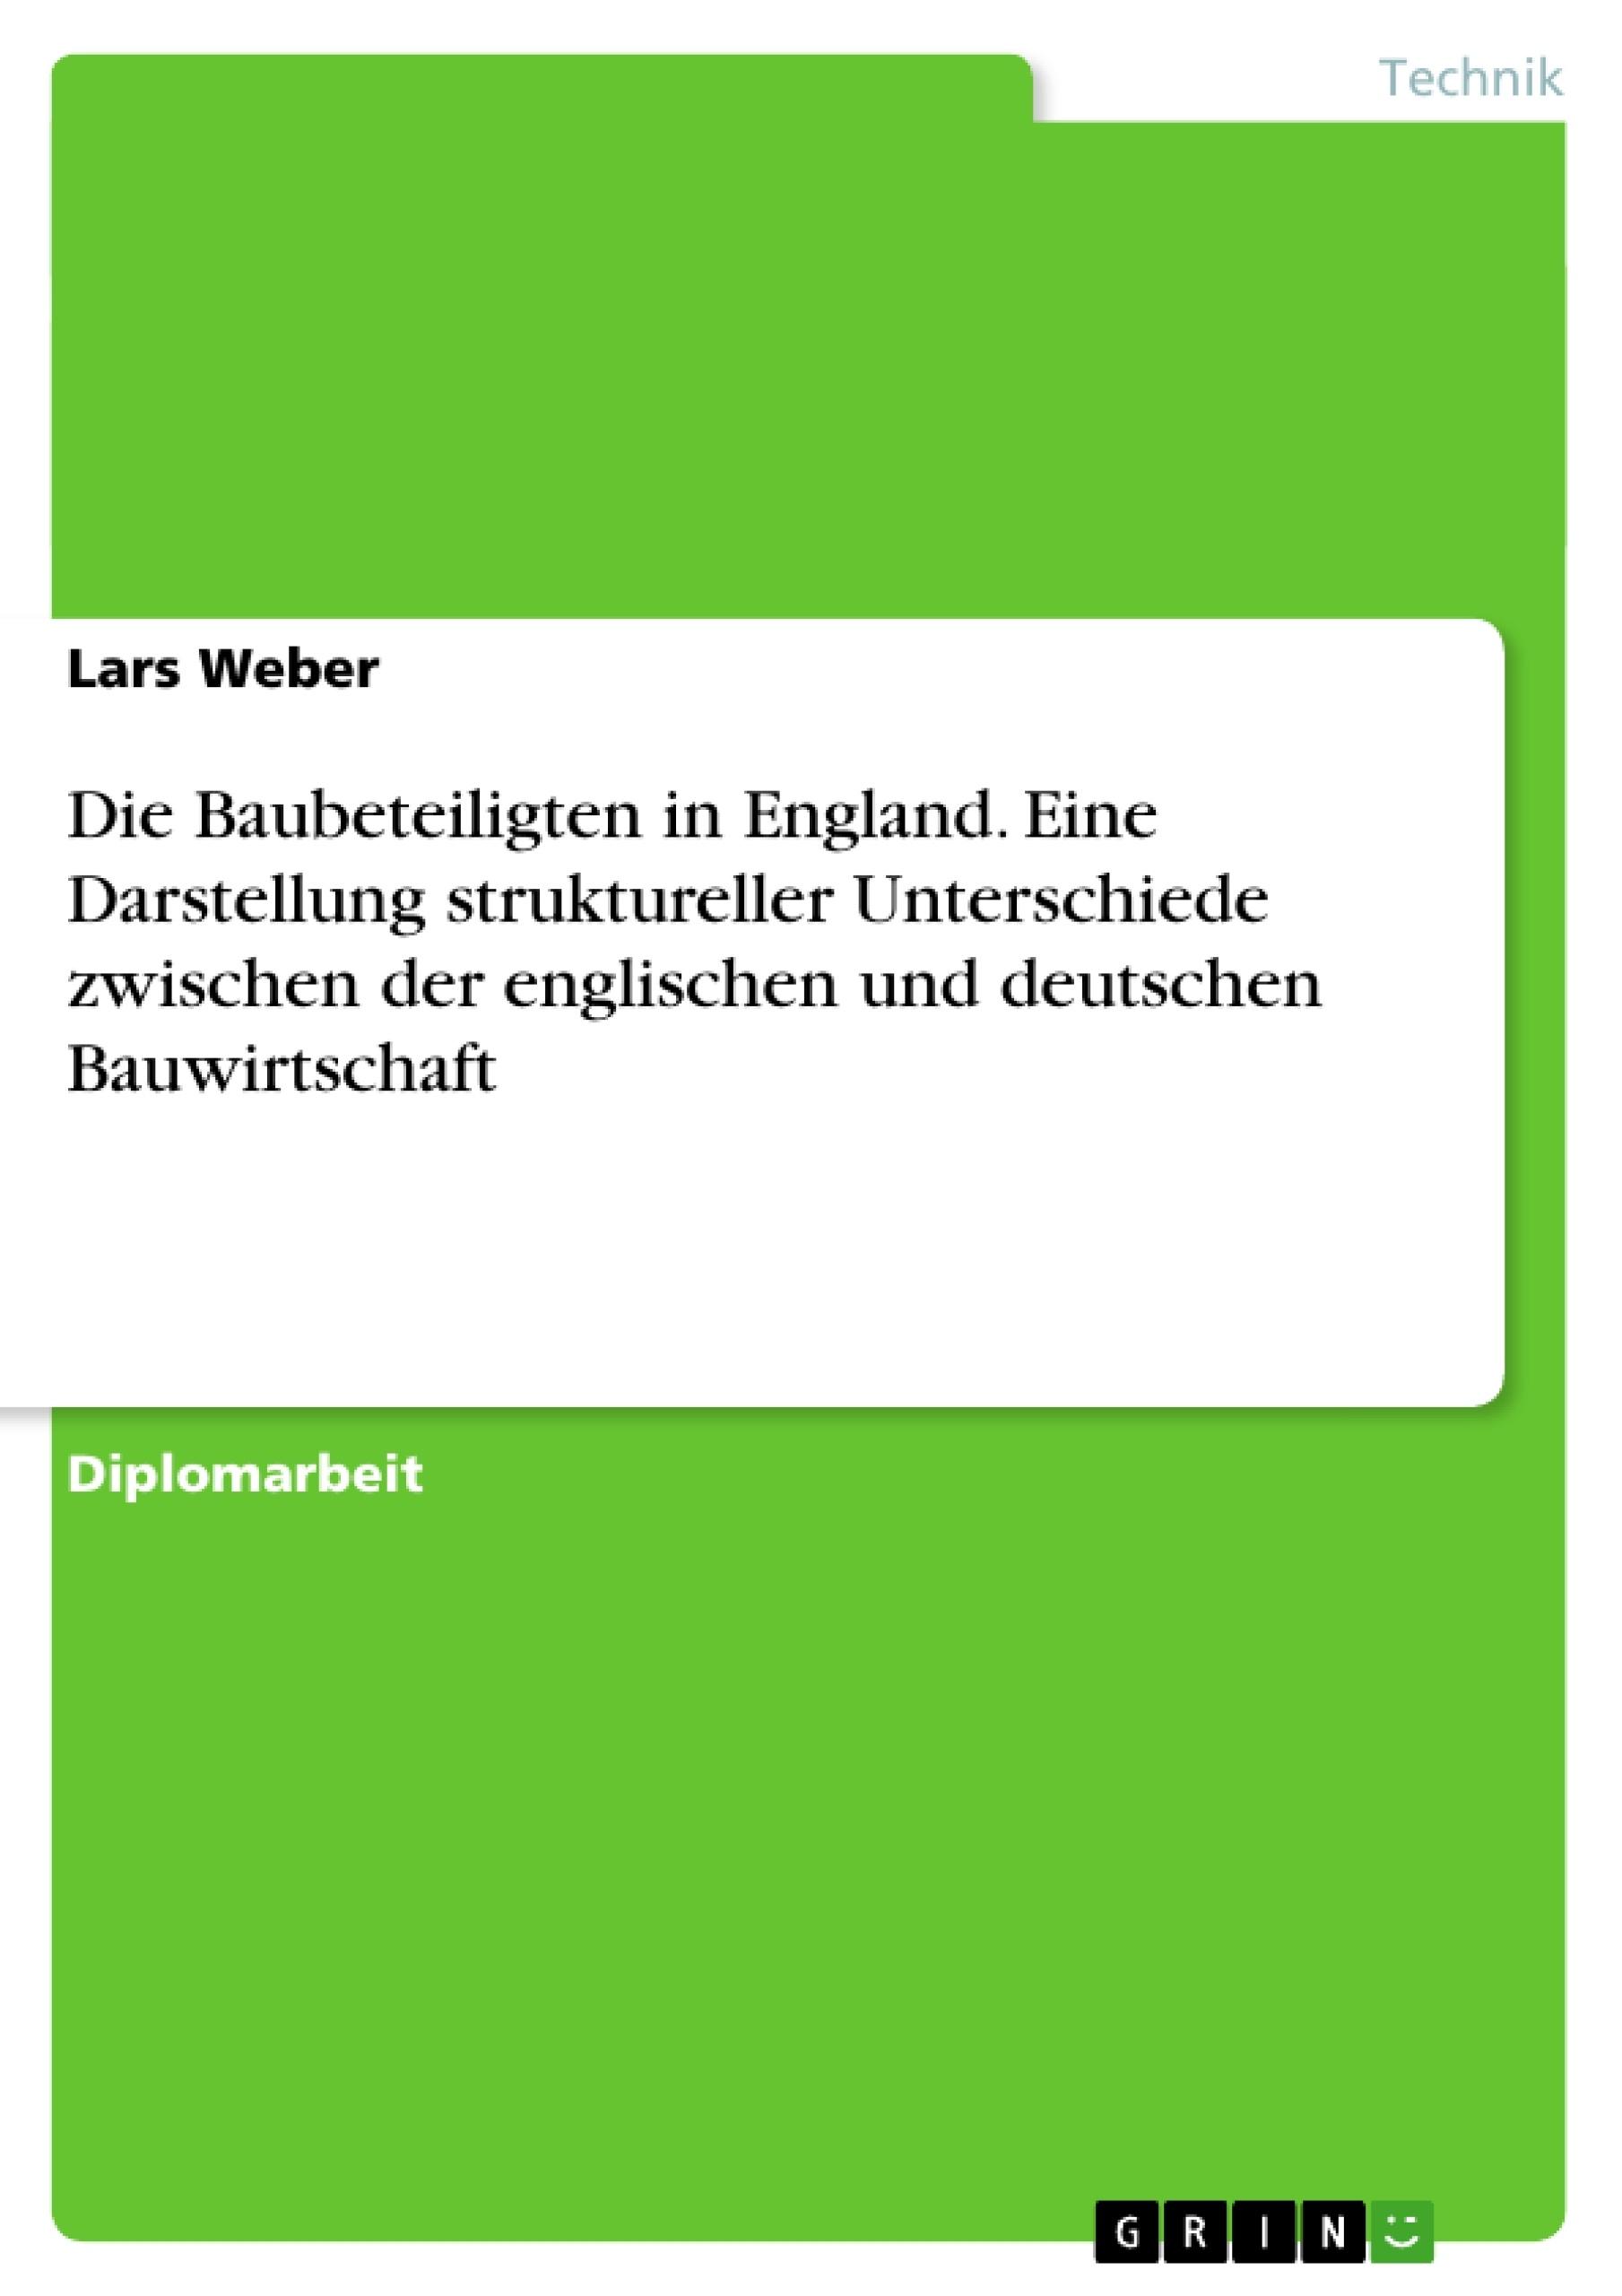 Titel: Die Baubeteiligten in England. Eine Darstellung struktureller Unterschiede zwischen der englischen und deutschen Bauwirtschaft